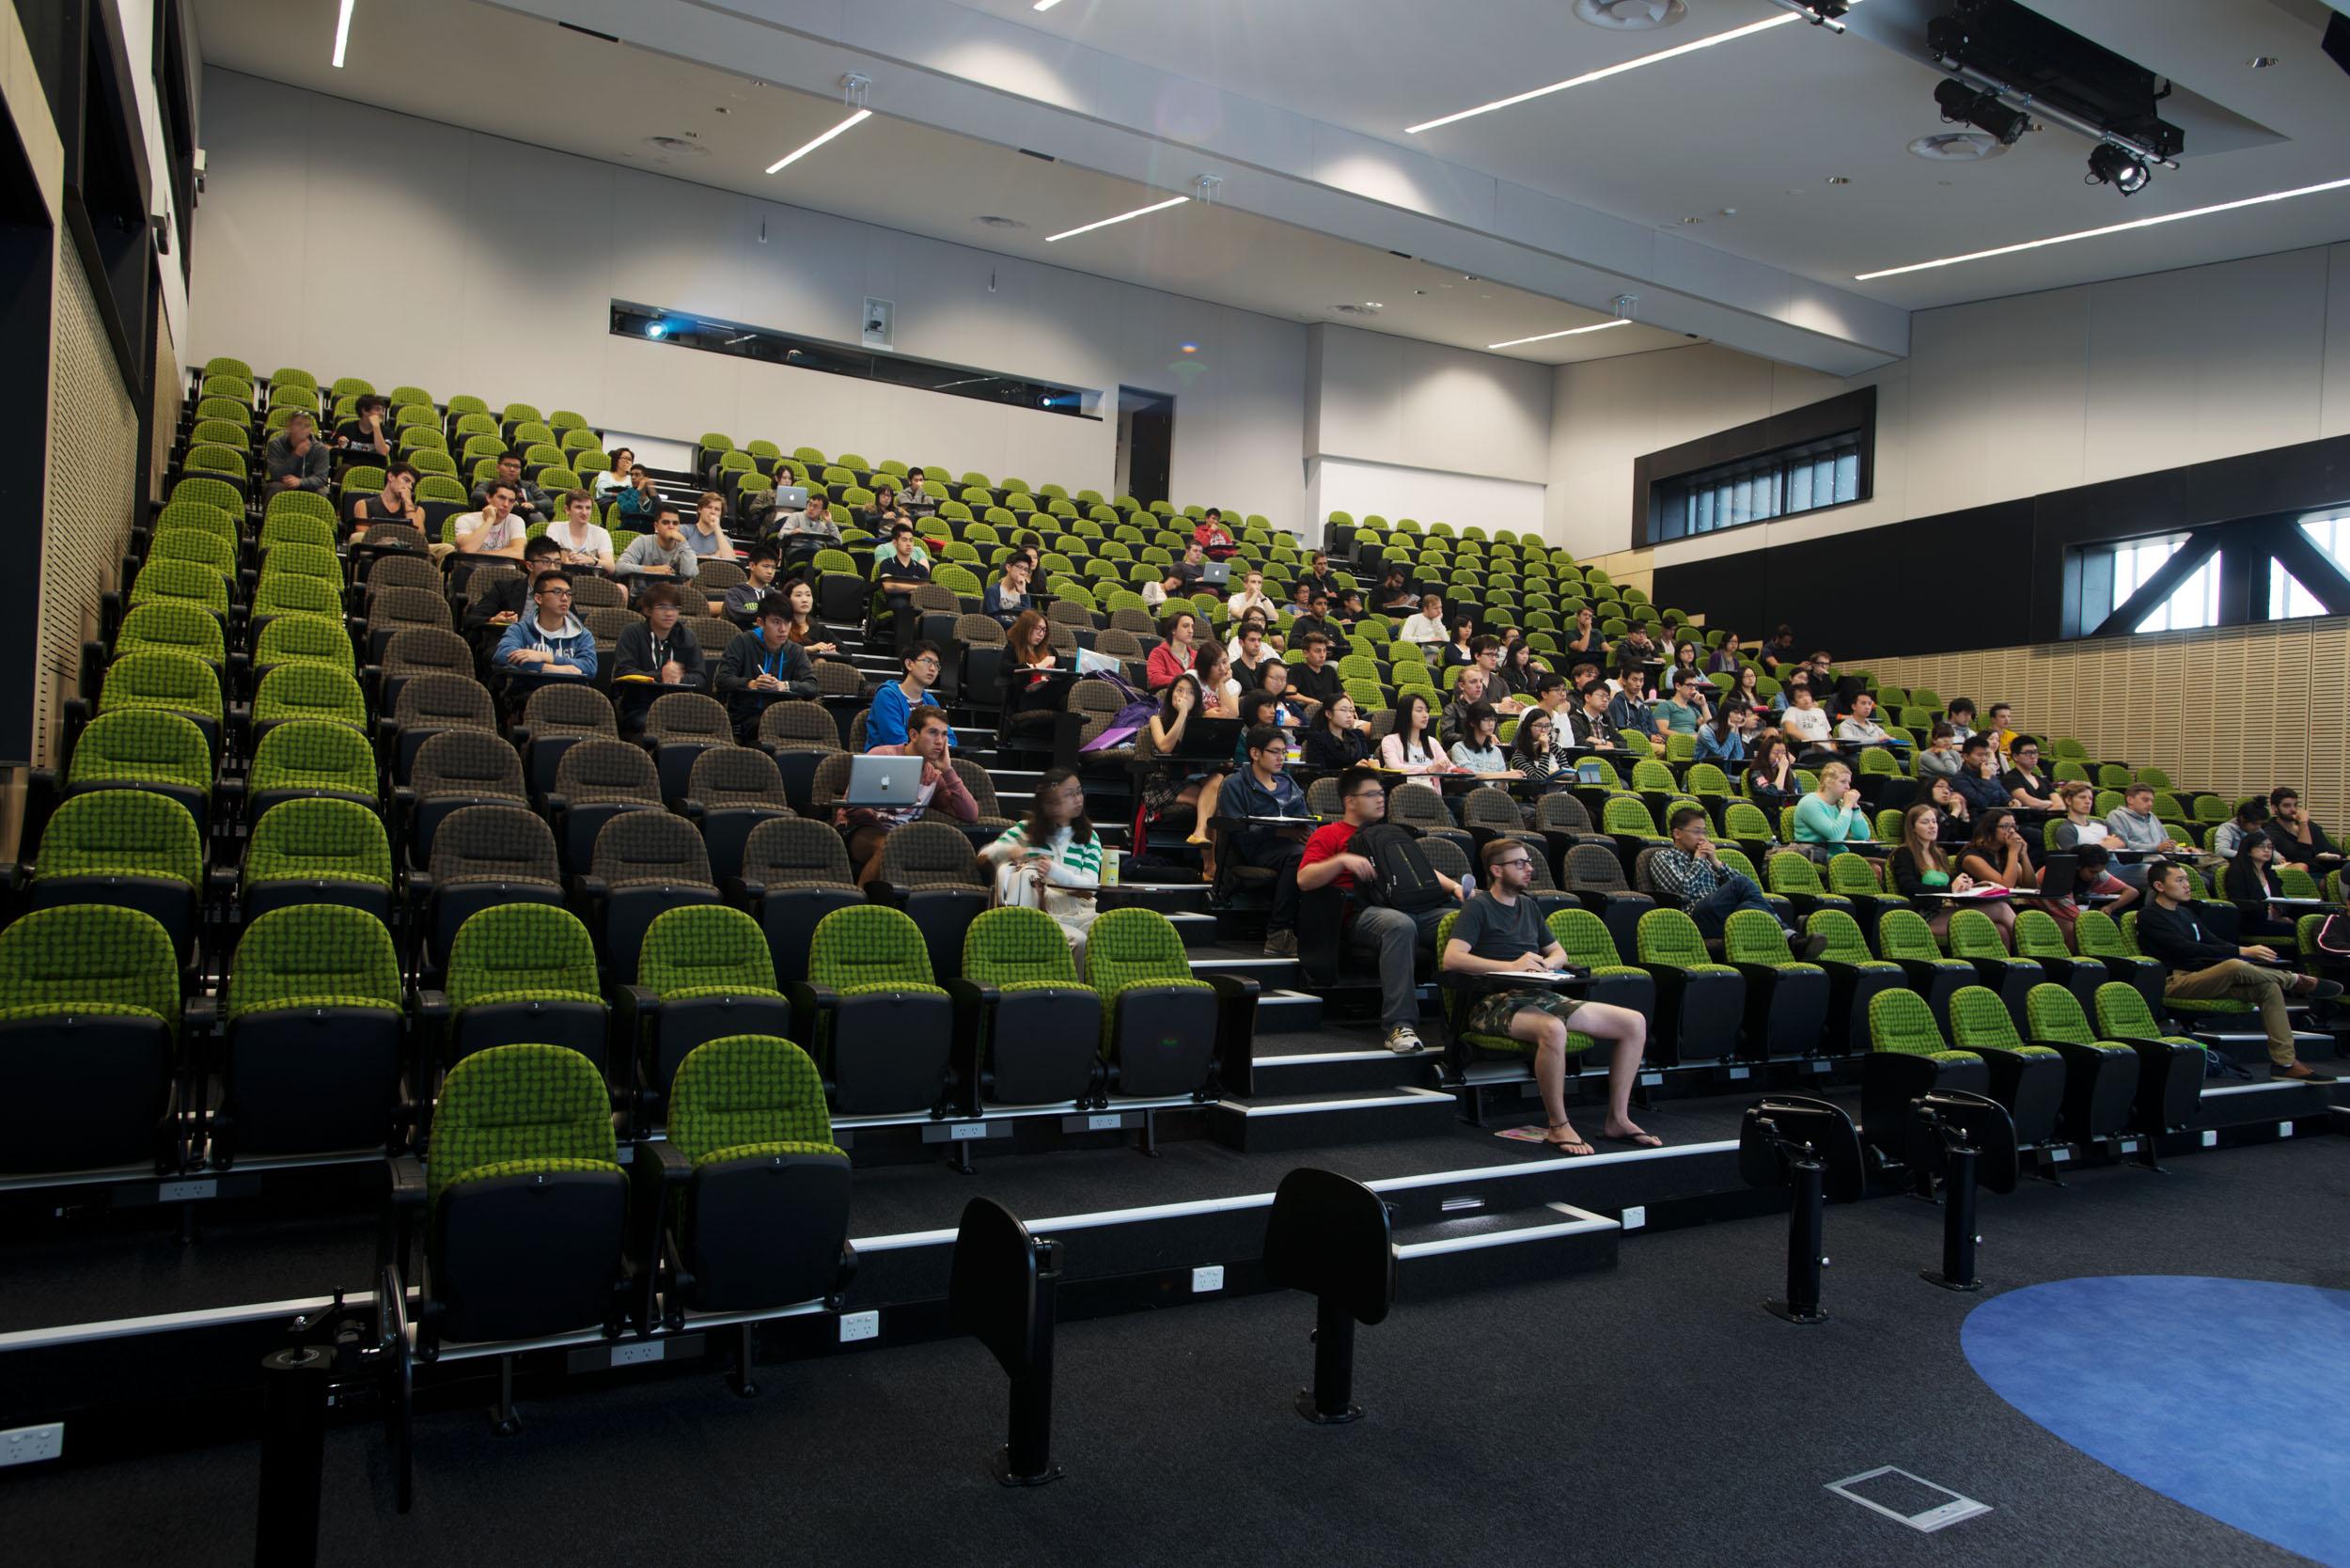 AdobeBridgeBatchRenameTemp4Monash S1 Lecture Theatre_Unknown_LRWeb.jpg